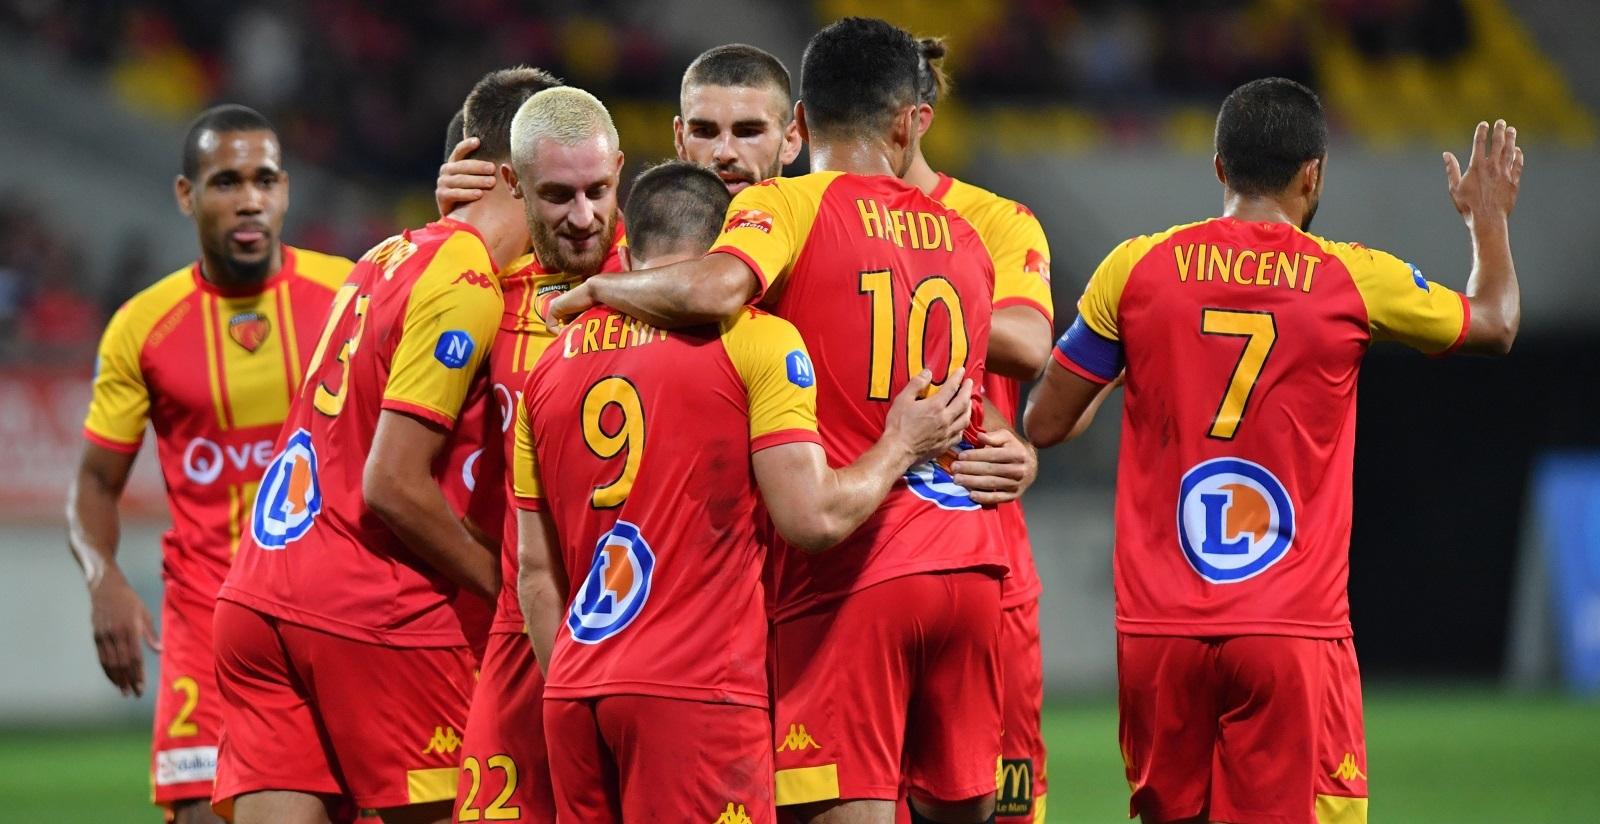 Football - Ligue 2 - Barrage L2/National : Le Mans-Gazélec Ajaccio en direct